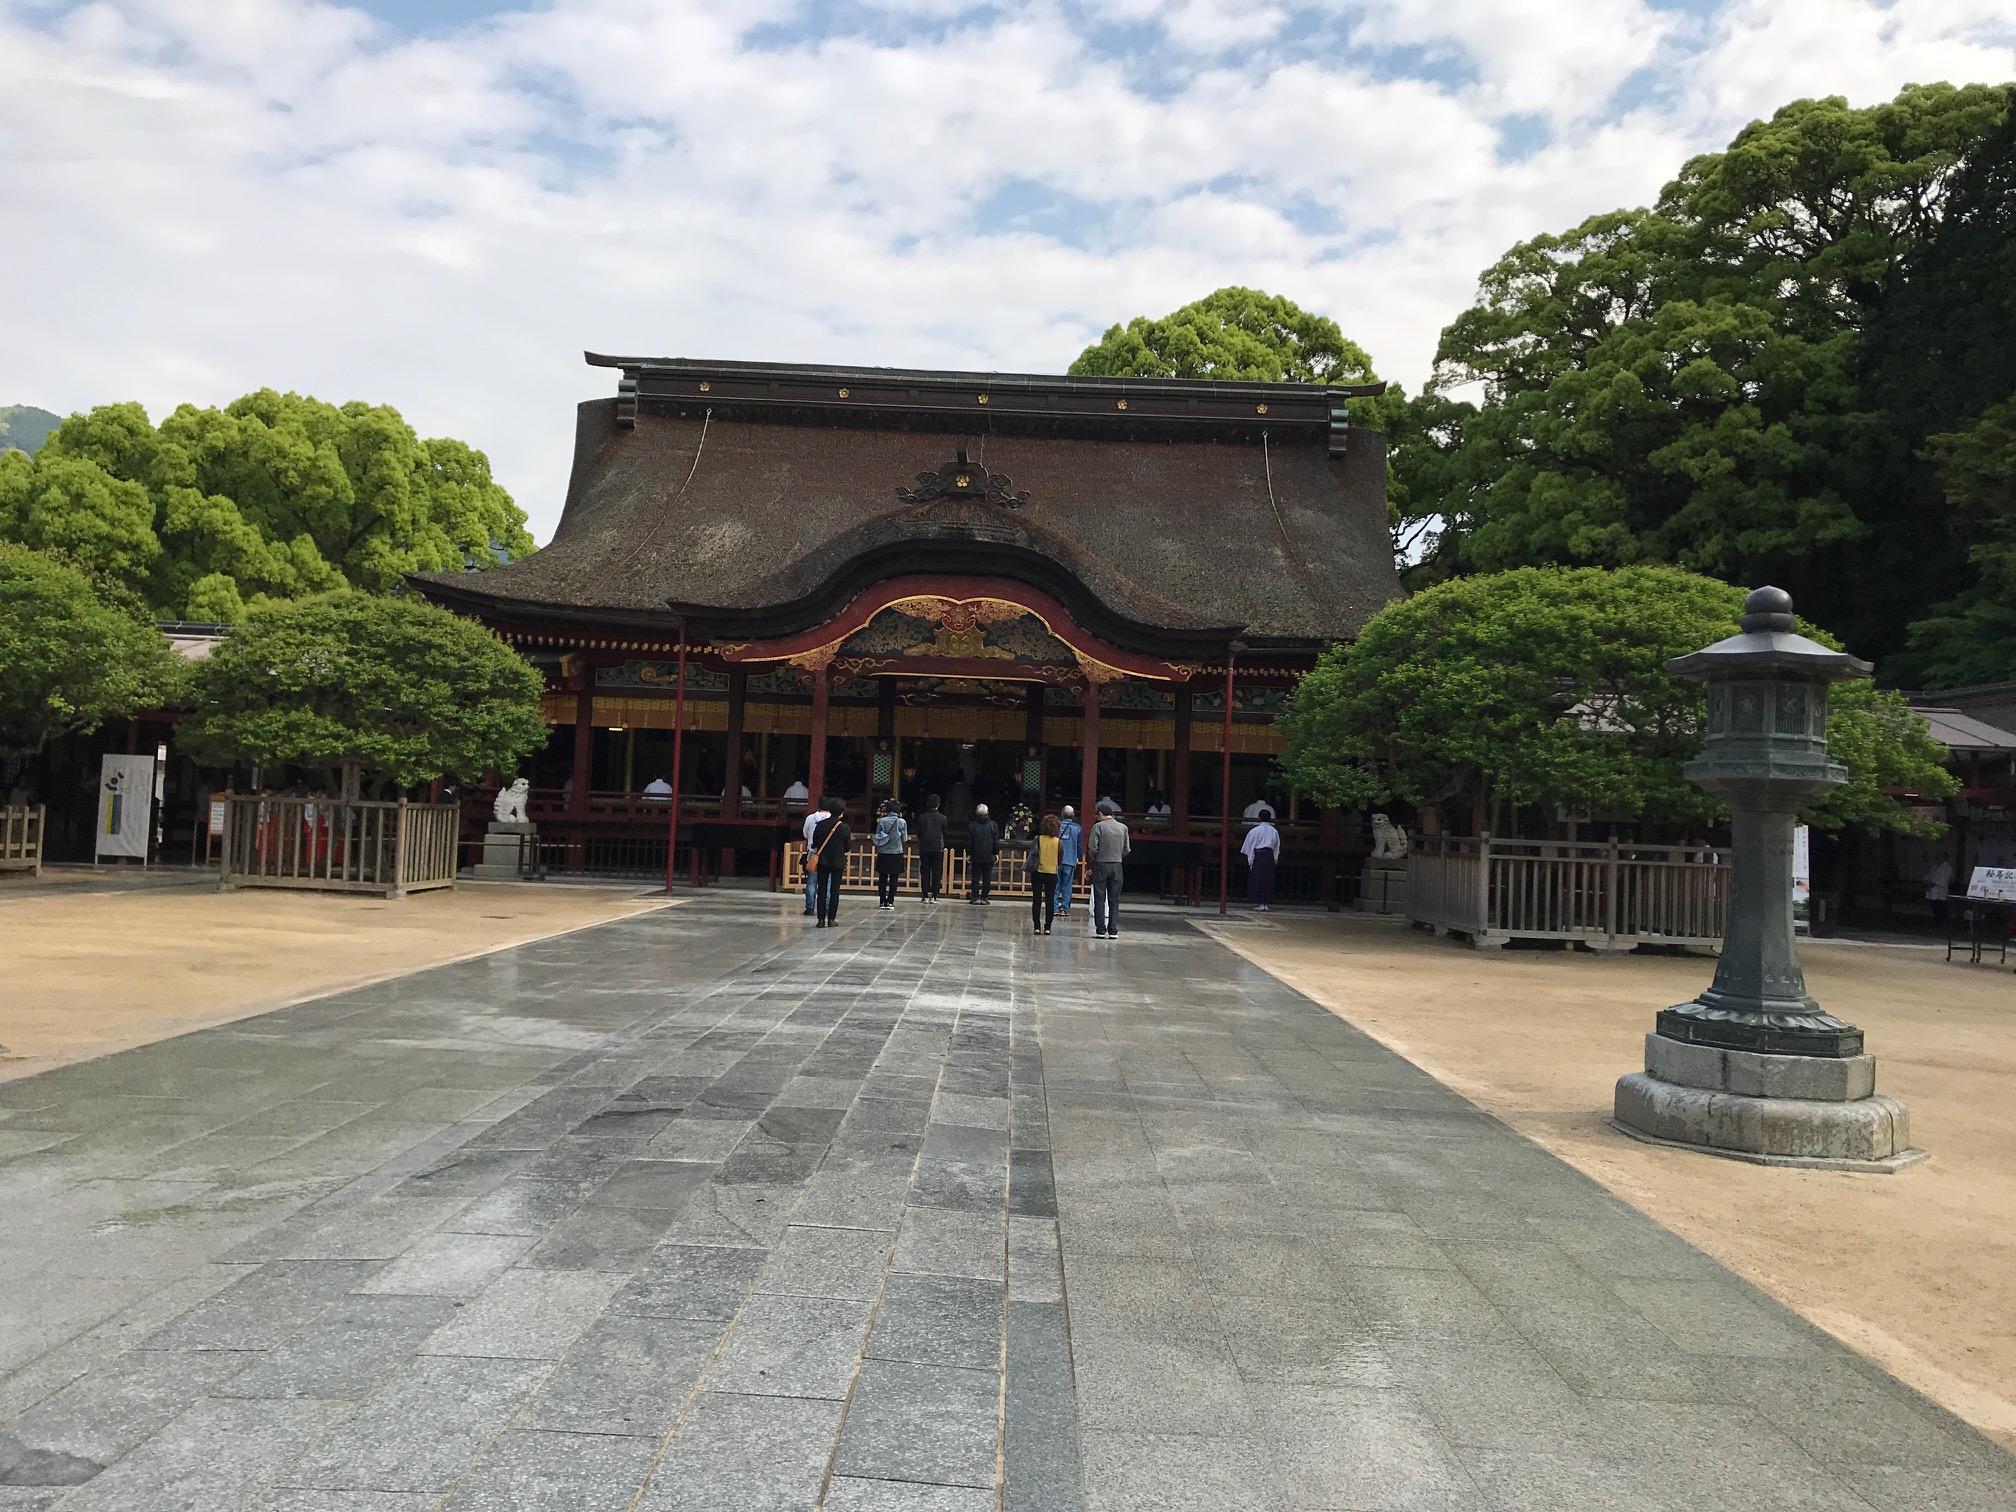 神社仏閣 シリーズ①  太宰府天満宮から、九州国立博物館への連絡階段、120段。